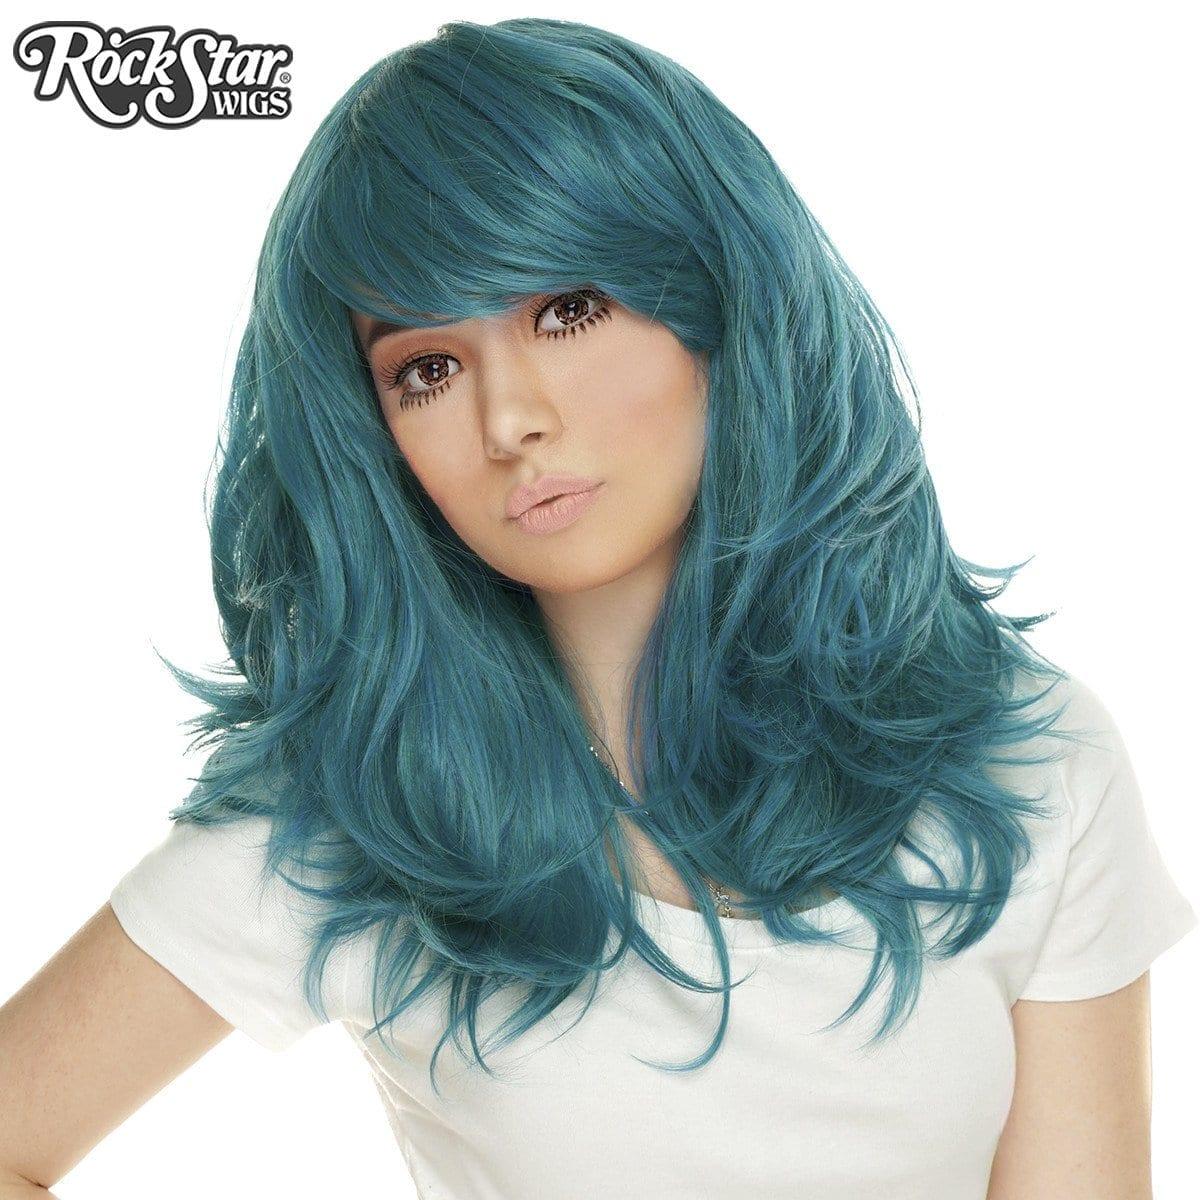 Rock Star Wigs - Hologram 22